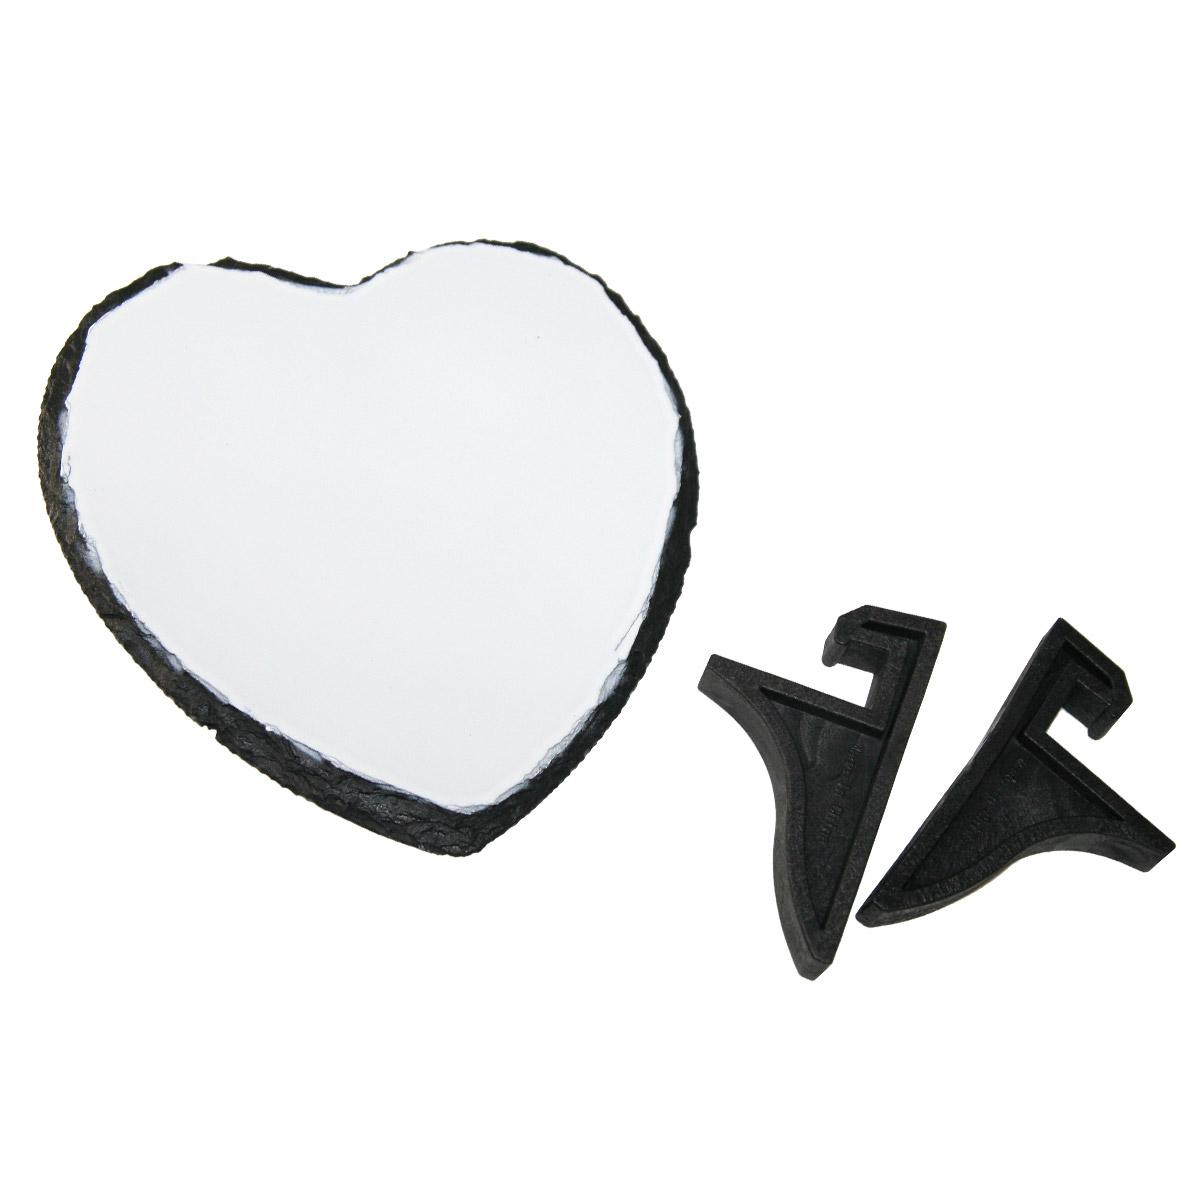 Płyta kamienna w kształcie serca do sublimacji - 15 x 15 cm